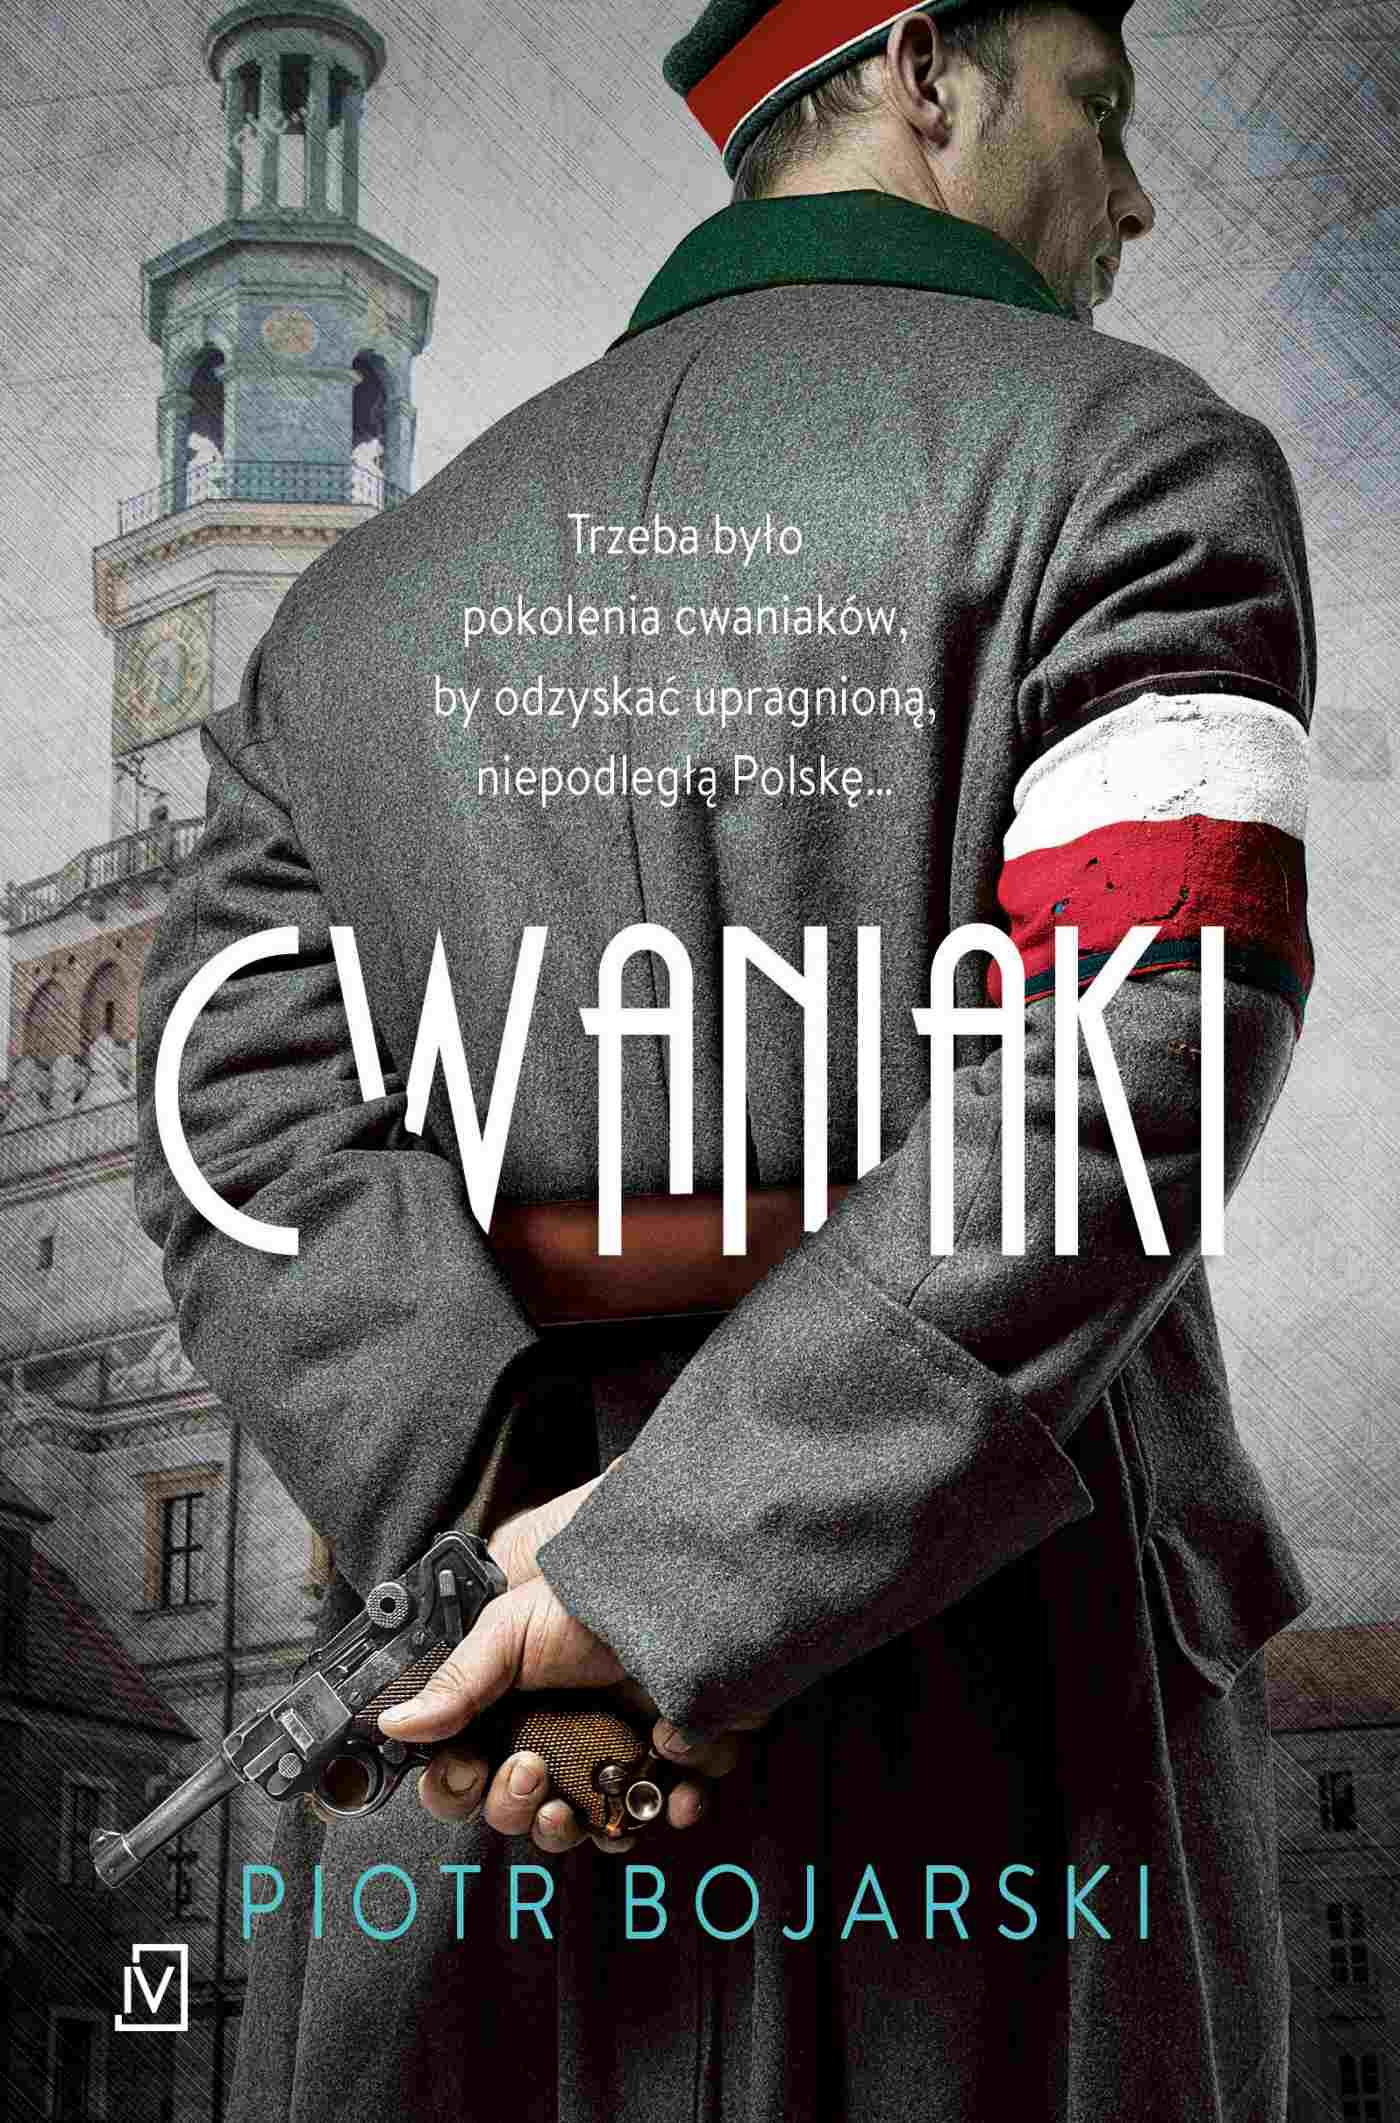 Cwaniaki - Ebook (Książka EPUB) do pobrania w formacie EPUB